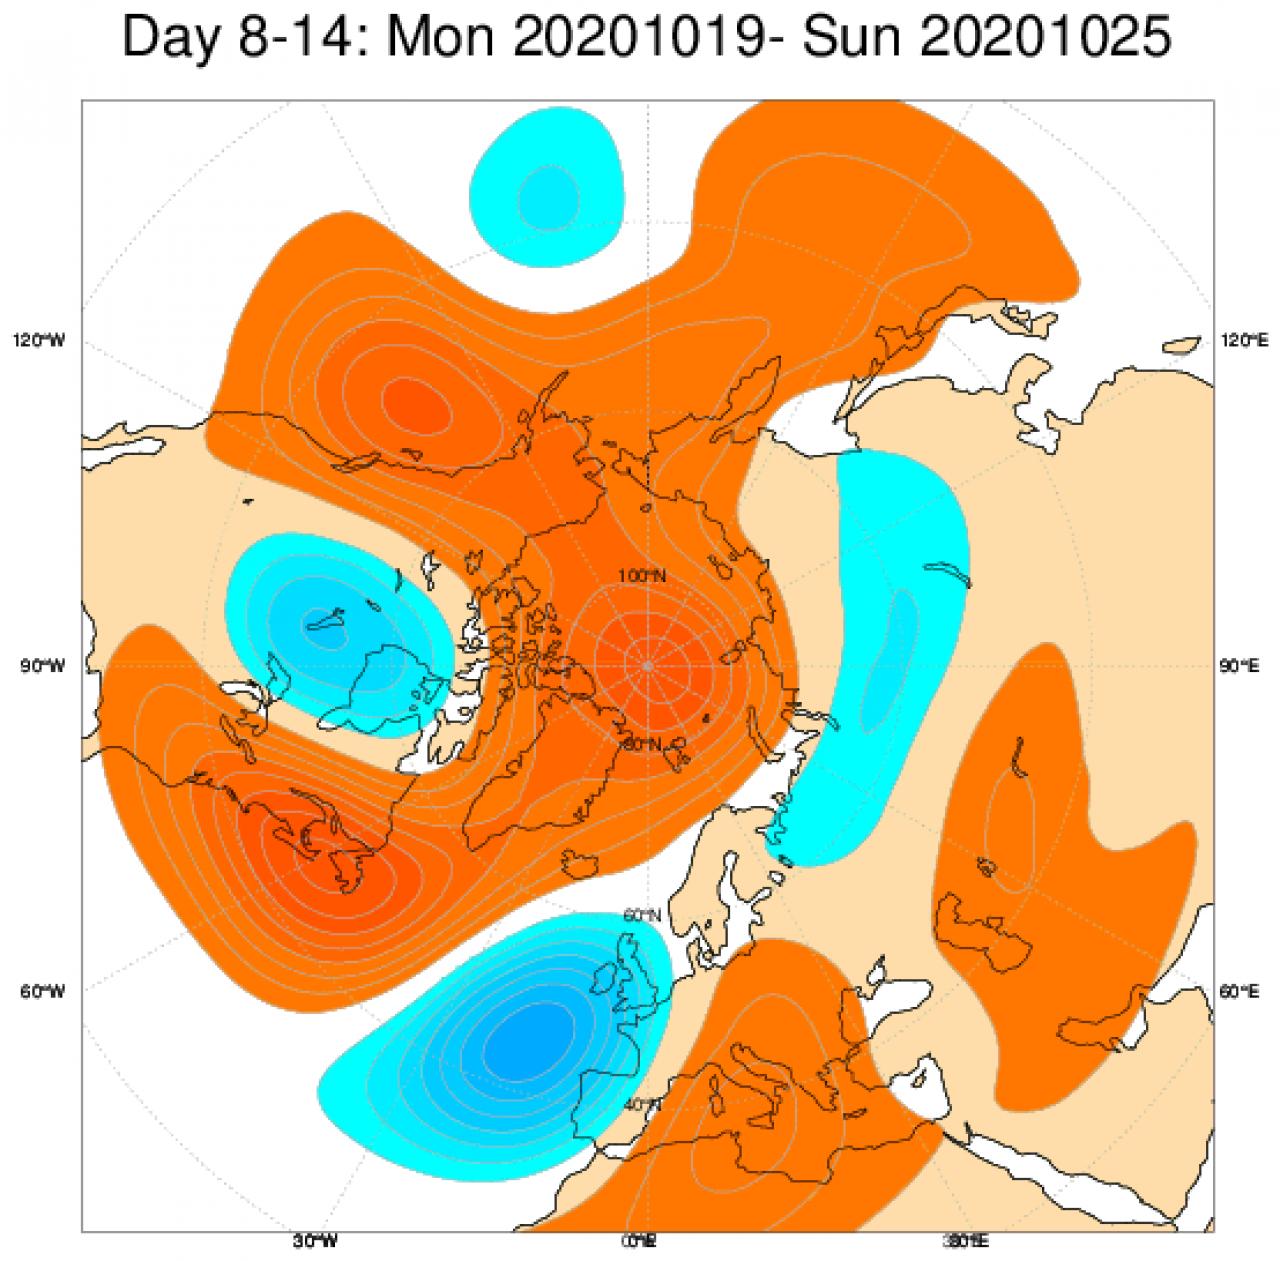 Le anomalie di geopotenziale a 500hPa, secondo il modello ECMWF, mediate nel periodo 19-25 ottobre